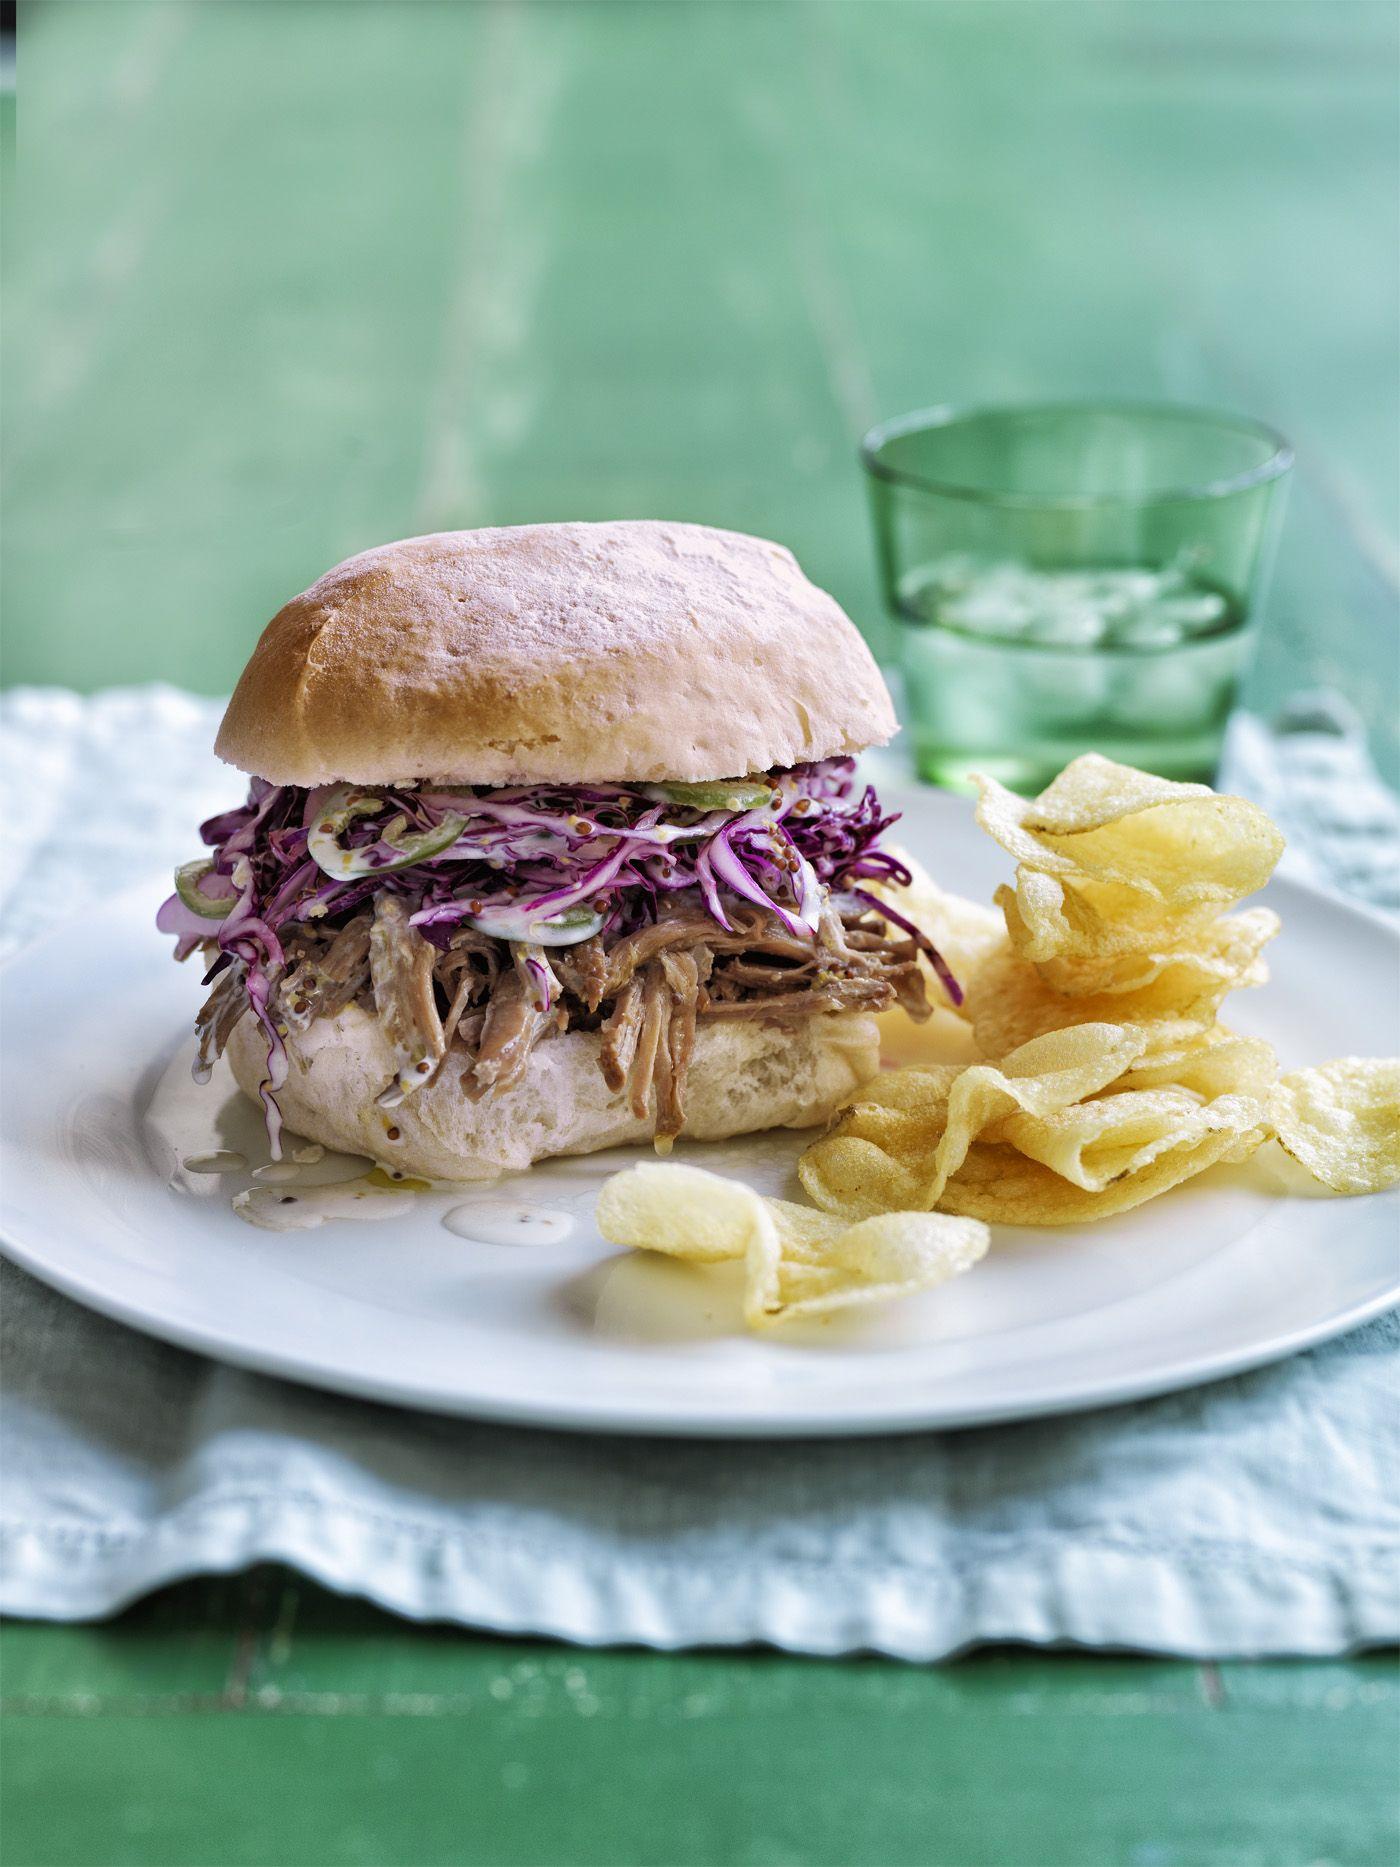 Watch Provençal Pork Sandwich video